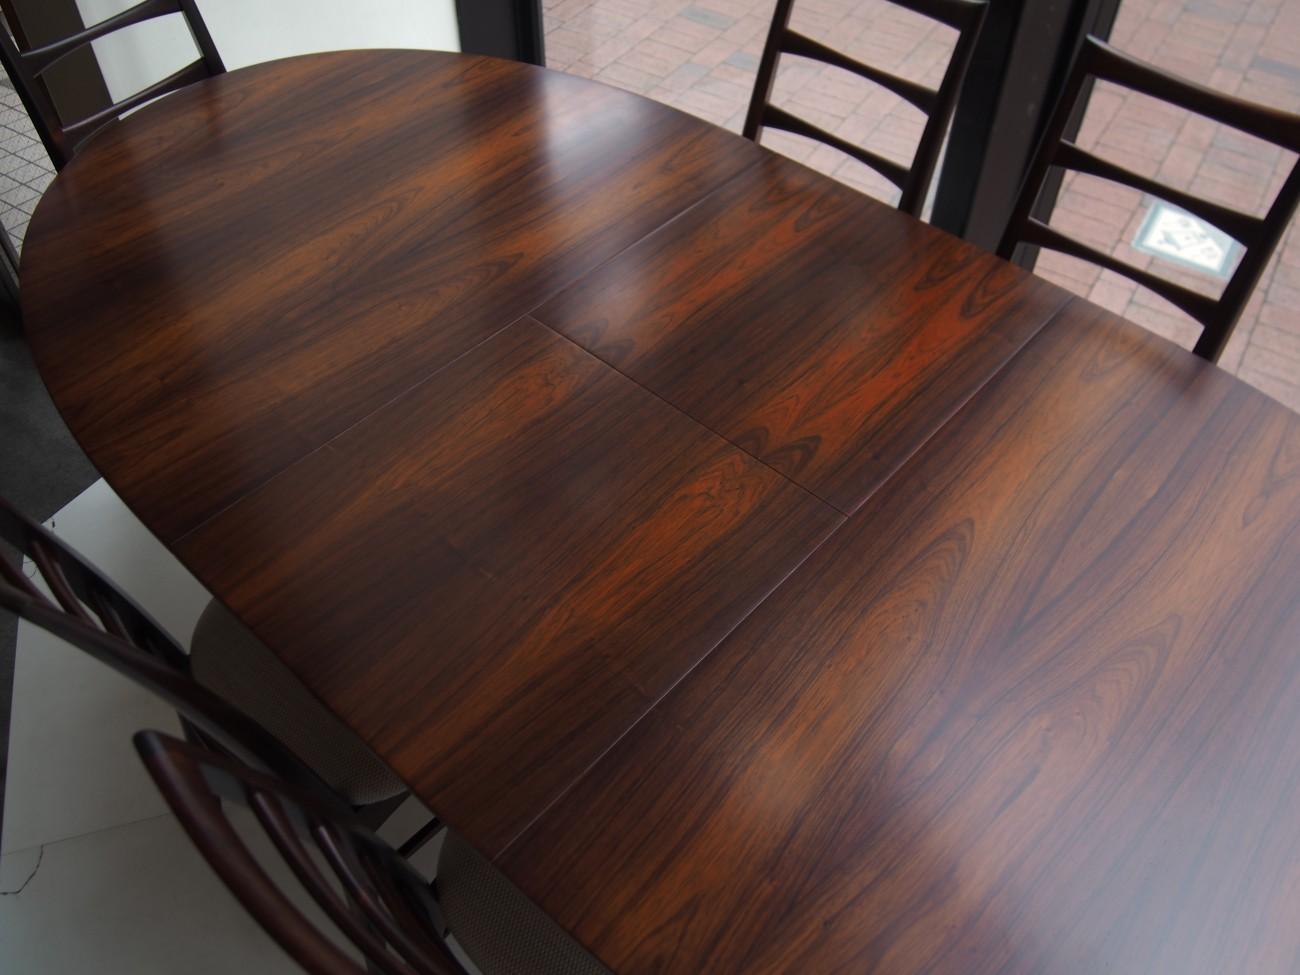 ニールス・コフォード Liz ローズウッドチェアとエクステンションダイニングテーブル A.H.McINTOSH(マッキントッシュ) & CO LTD KIRKCALDY SCOTLAND ビンテージ北欧家具のセットの拡張時アップ